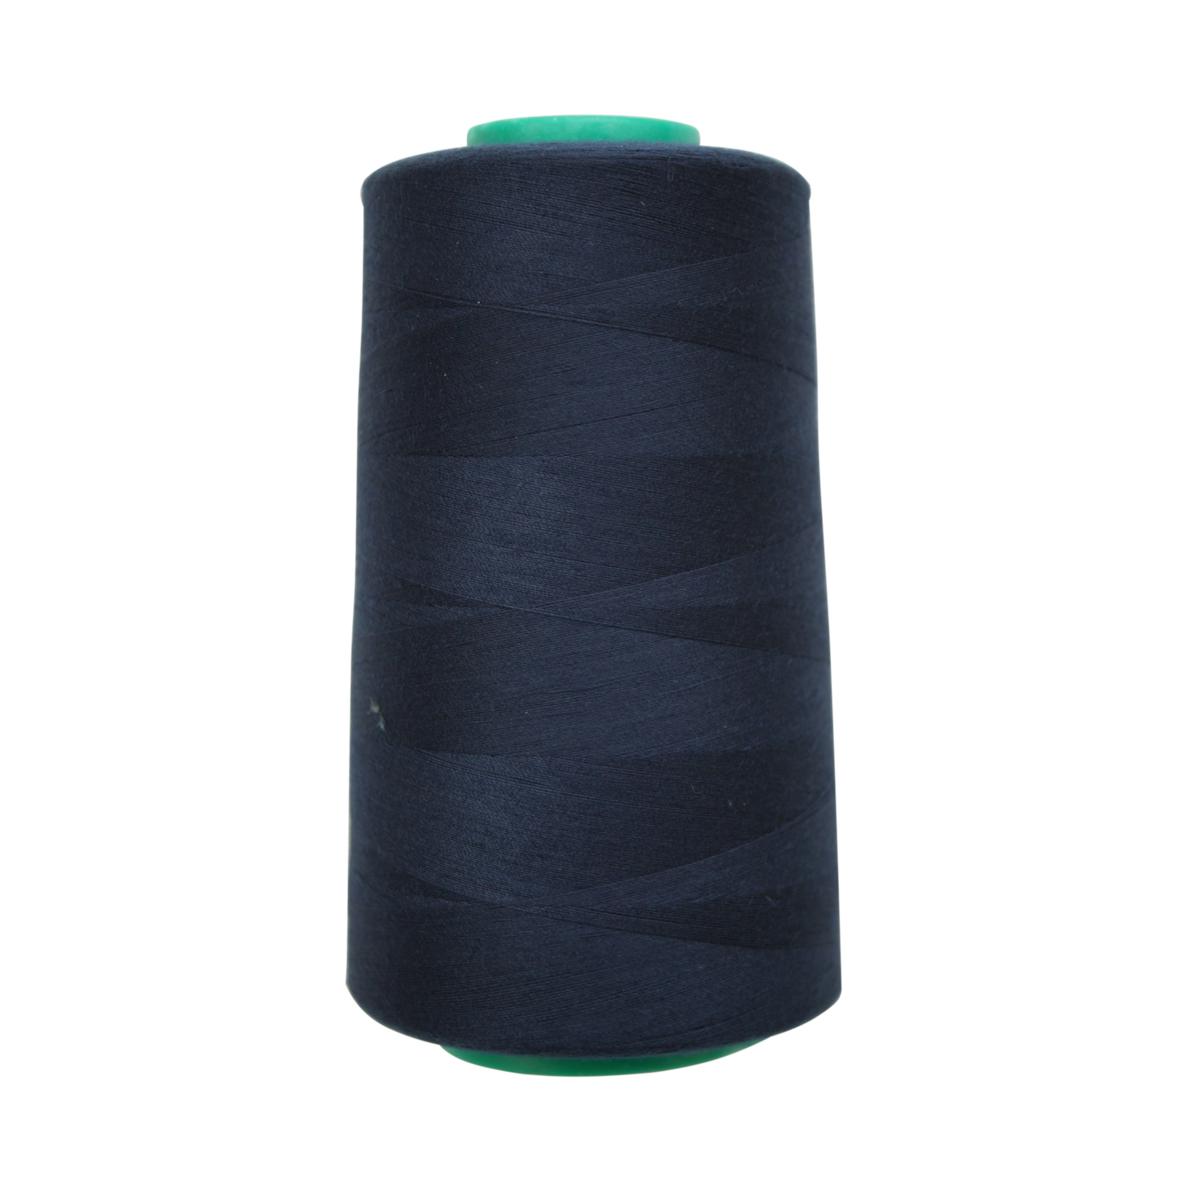 Нитки для шитья Bestex 50/2, 5000 ярд, цвет: чернильный (199)7700936-199Сфера использования: трикотаж; ткани малого веса; оверлочные швы; отделка краев; вышивка. Размер игл №70-80